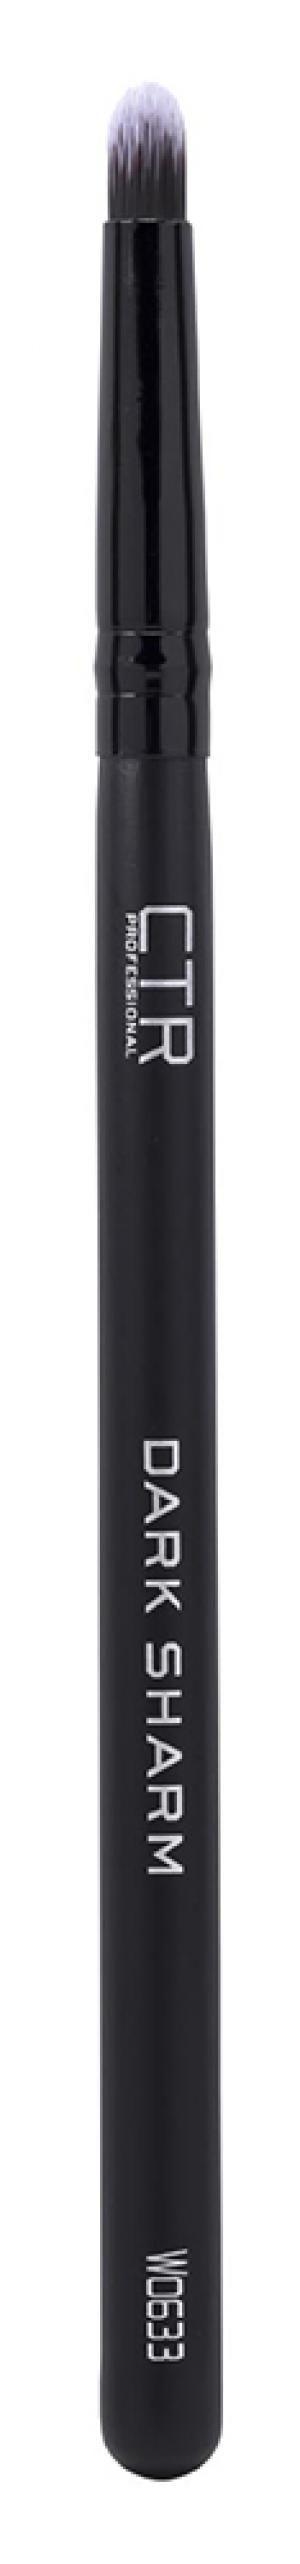 Кисть для нанесения теней, консилера, корректора W0633 - 00-00011544